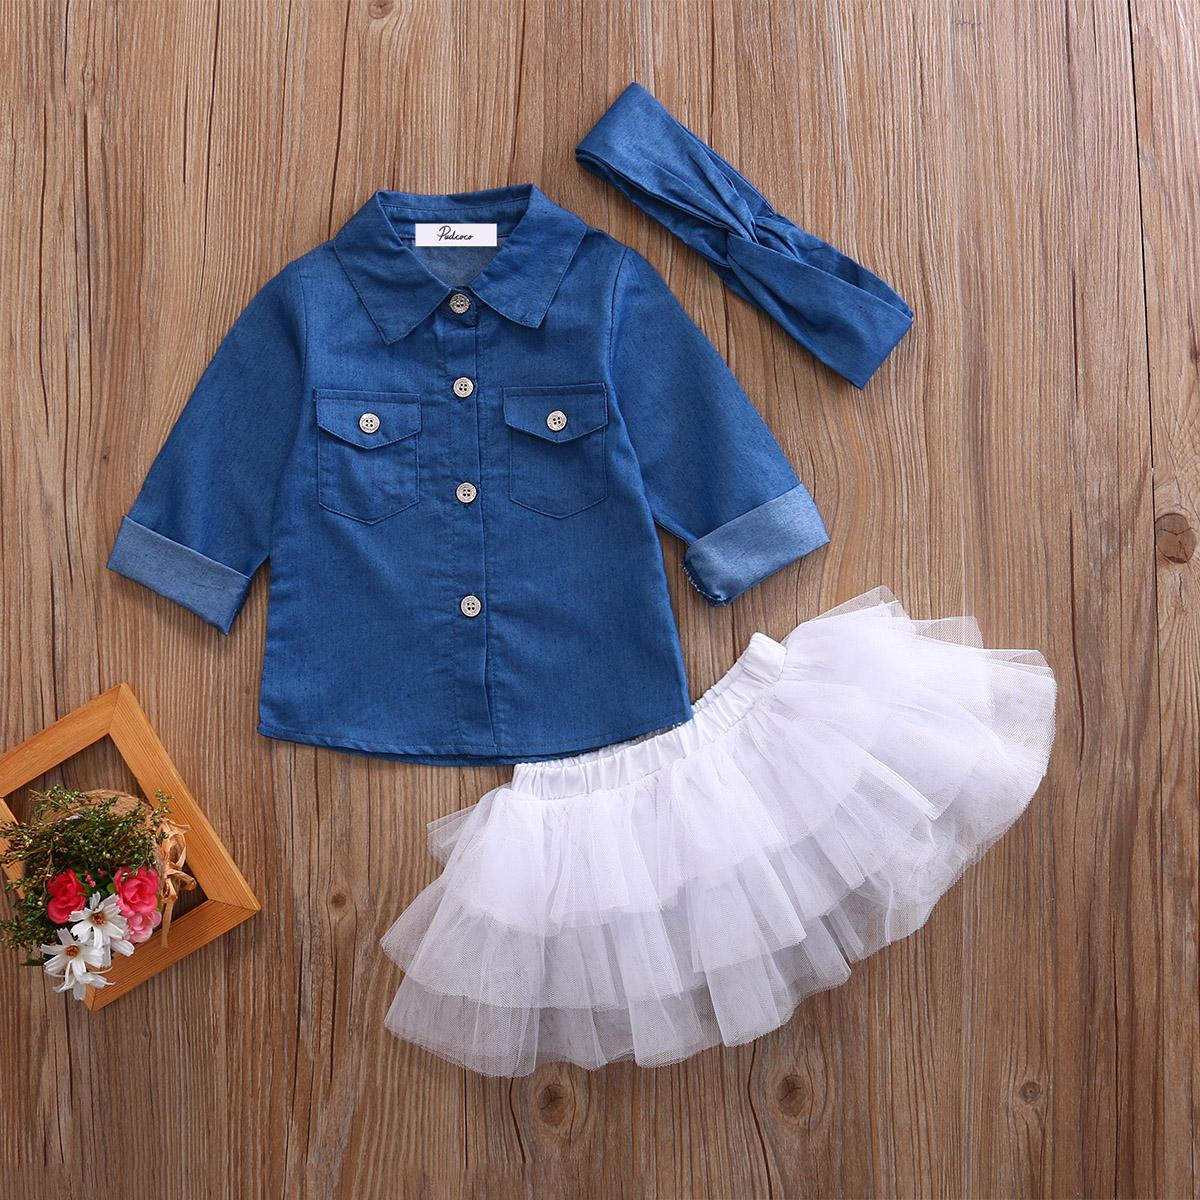 0-5a enfant nouveau enfants bébé filles infantile à manches longues denim tops shirt + tutu jupes dress + bandeau 3 pcs jeans tenues vêtements set 6